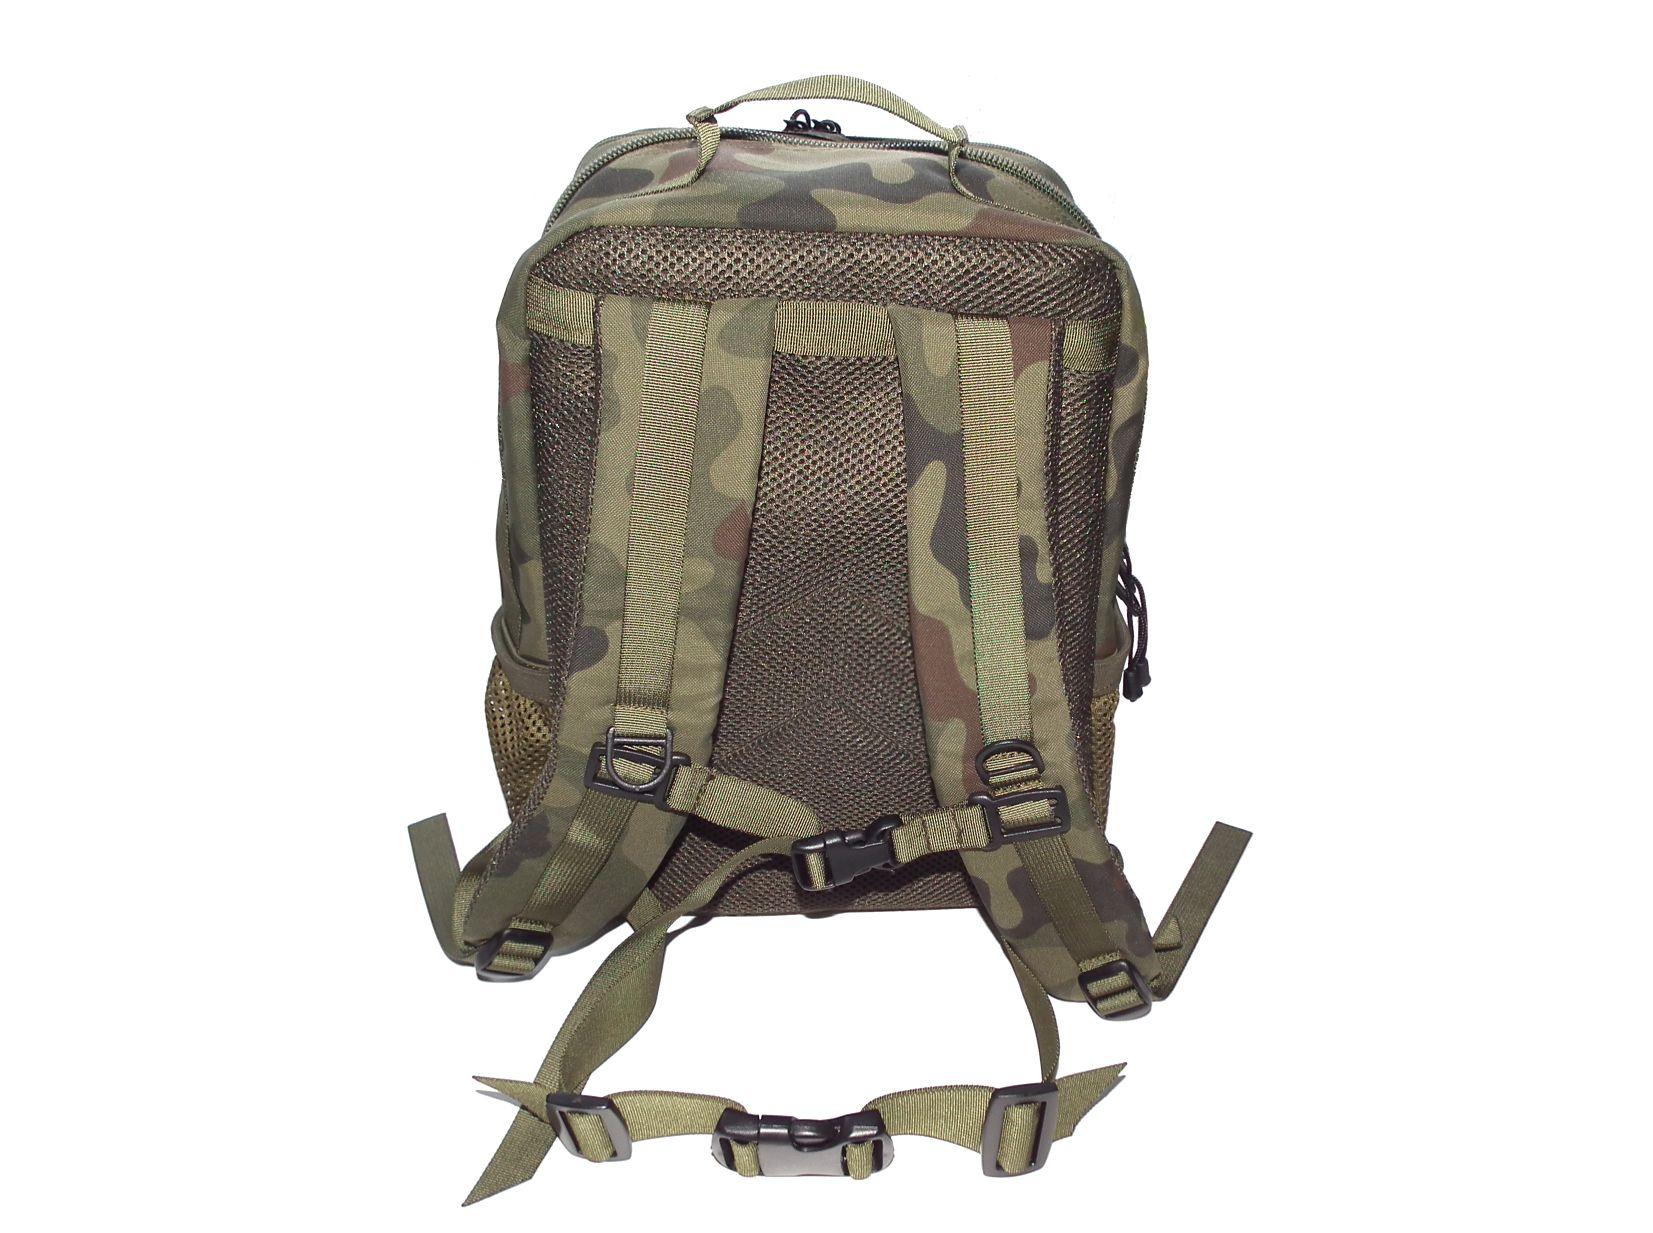 Plecak wz. 93